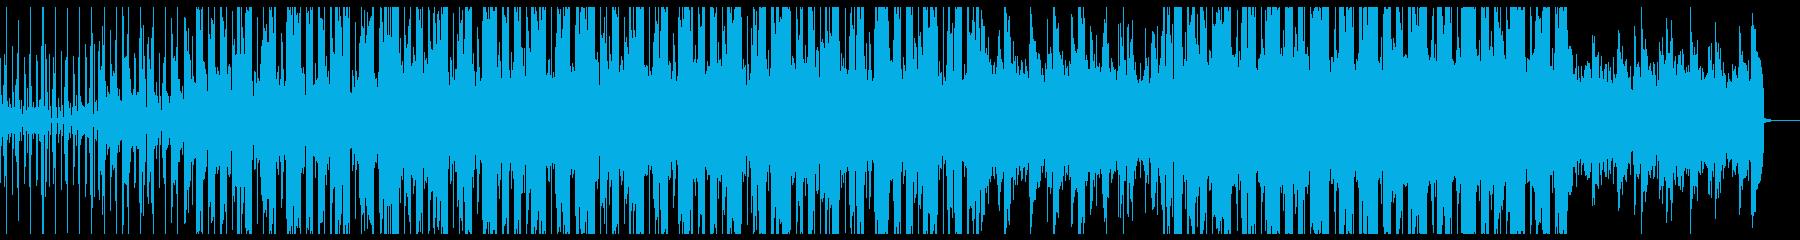 ベースの音色がおしゃれなチルポップ♪の再生済みの波形